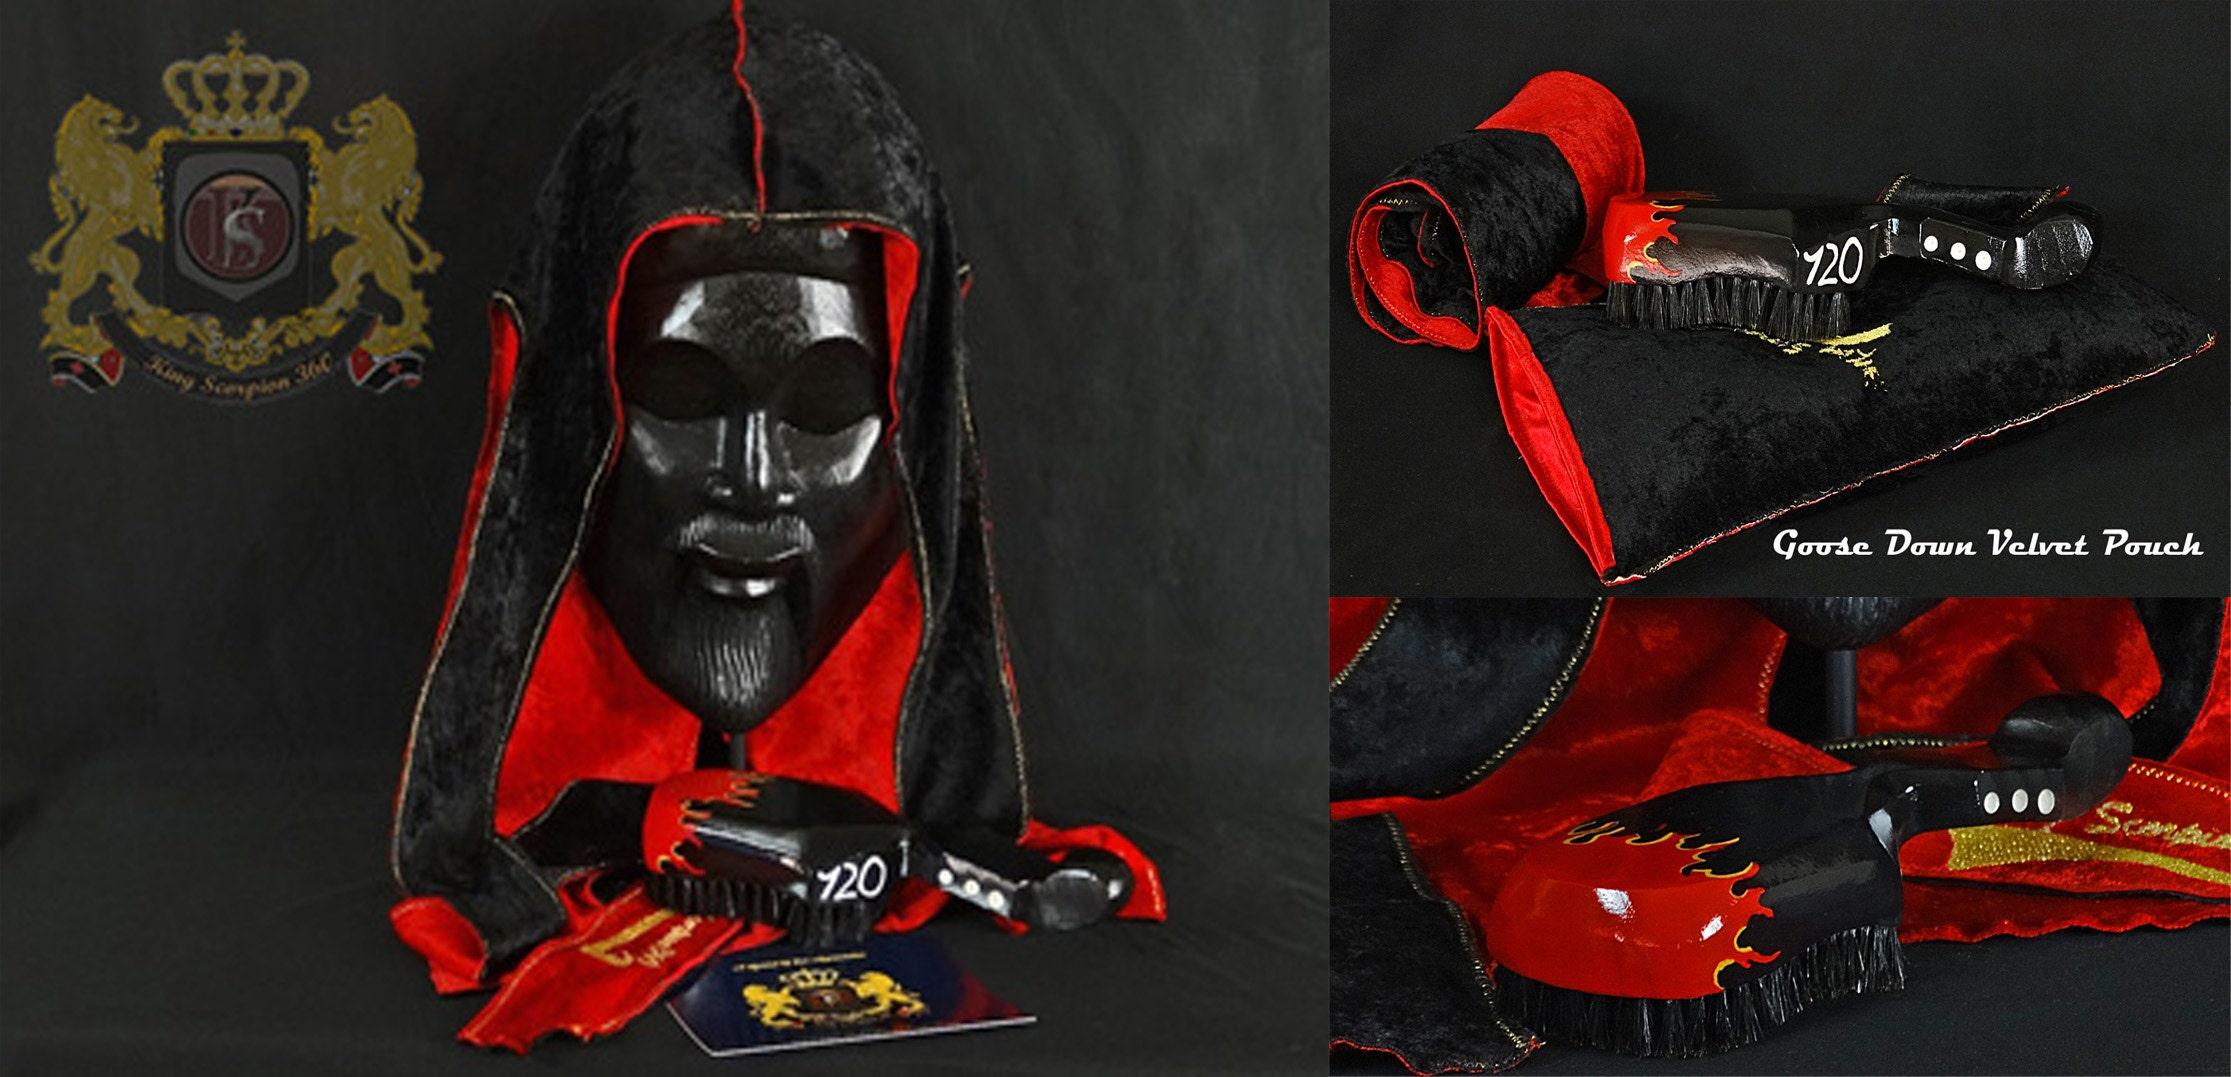 Panther Black / Crushed Red Reversible velvet Du-Rag